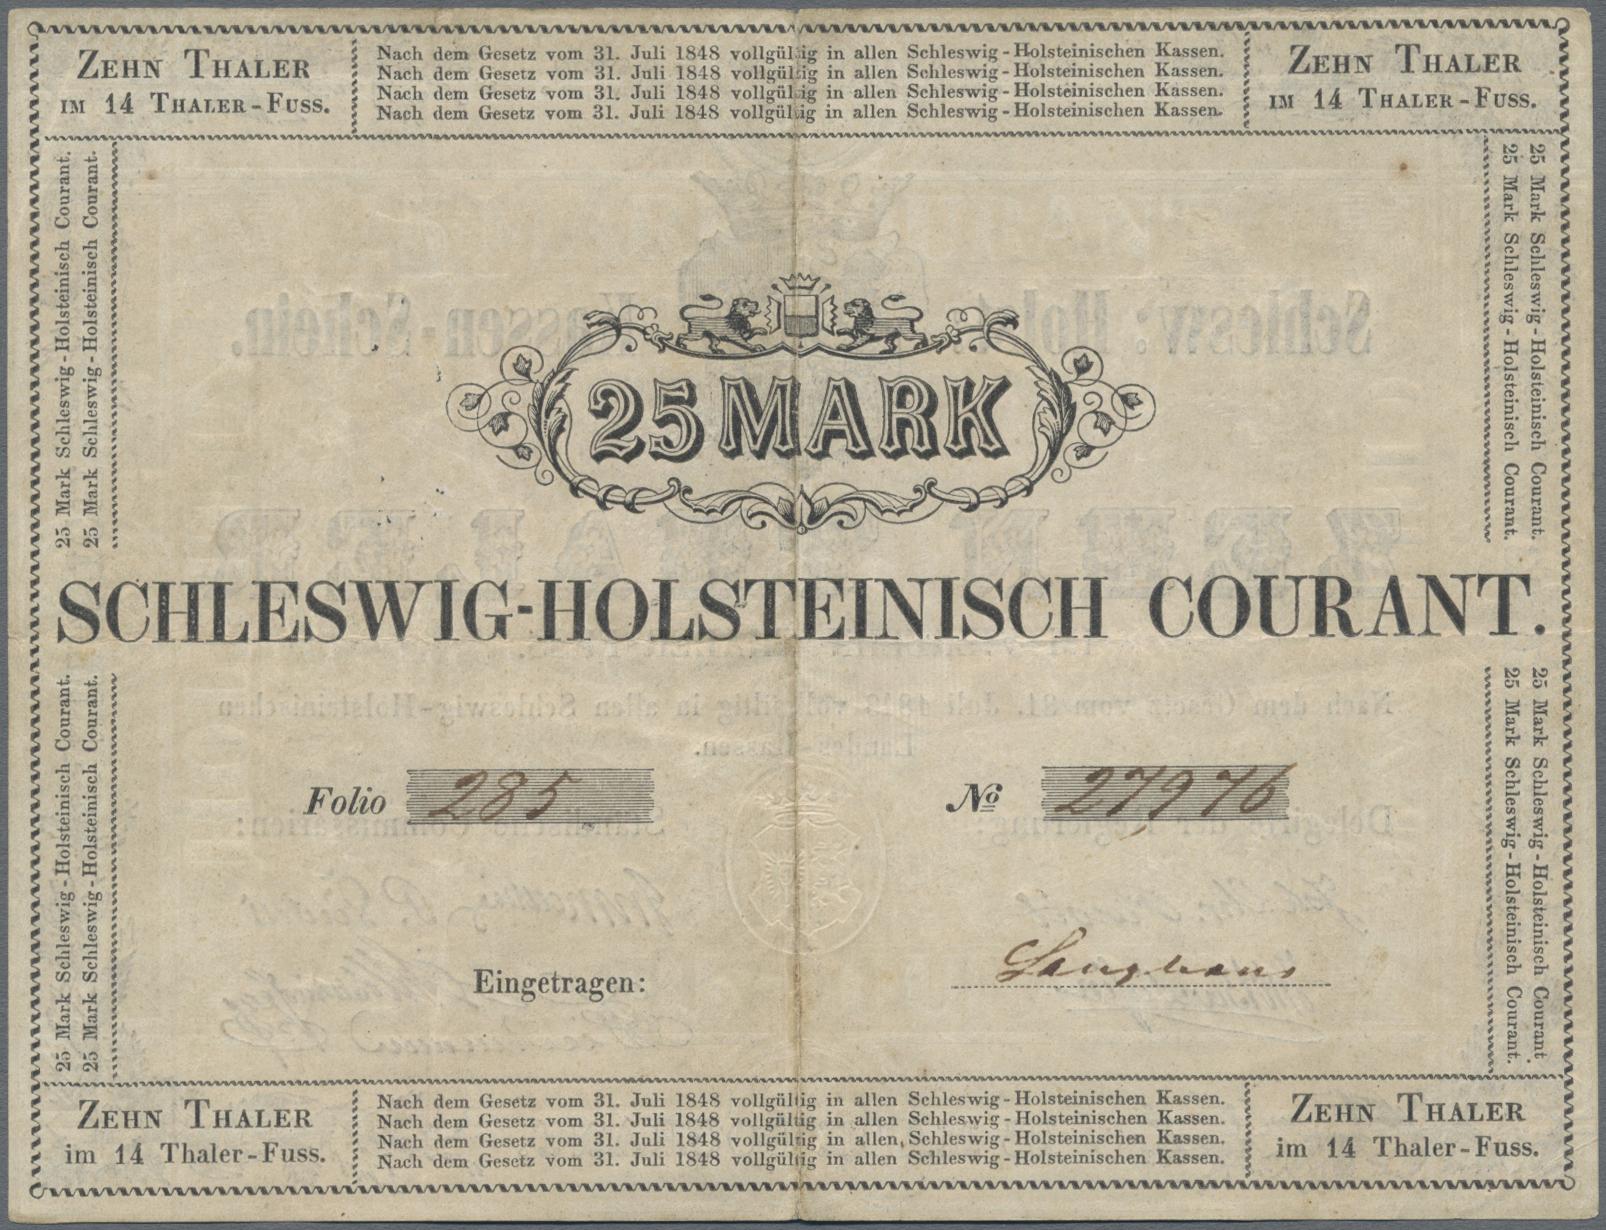 Lot 03311 - Deutschland - Altdeutsche Staaten | Banknoten  -  Auktionshaus Christoph Gärtner GmbH & Co. KG Sale #45 Banknotes Germany/Numismatics